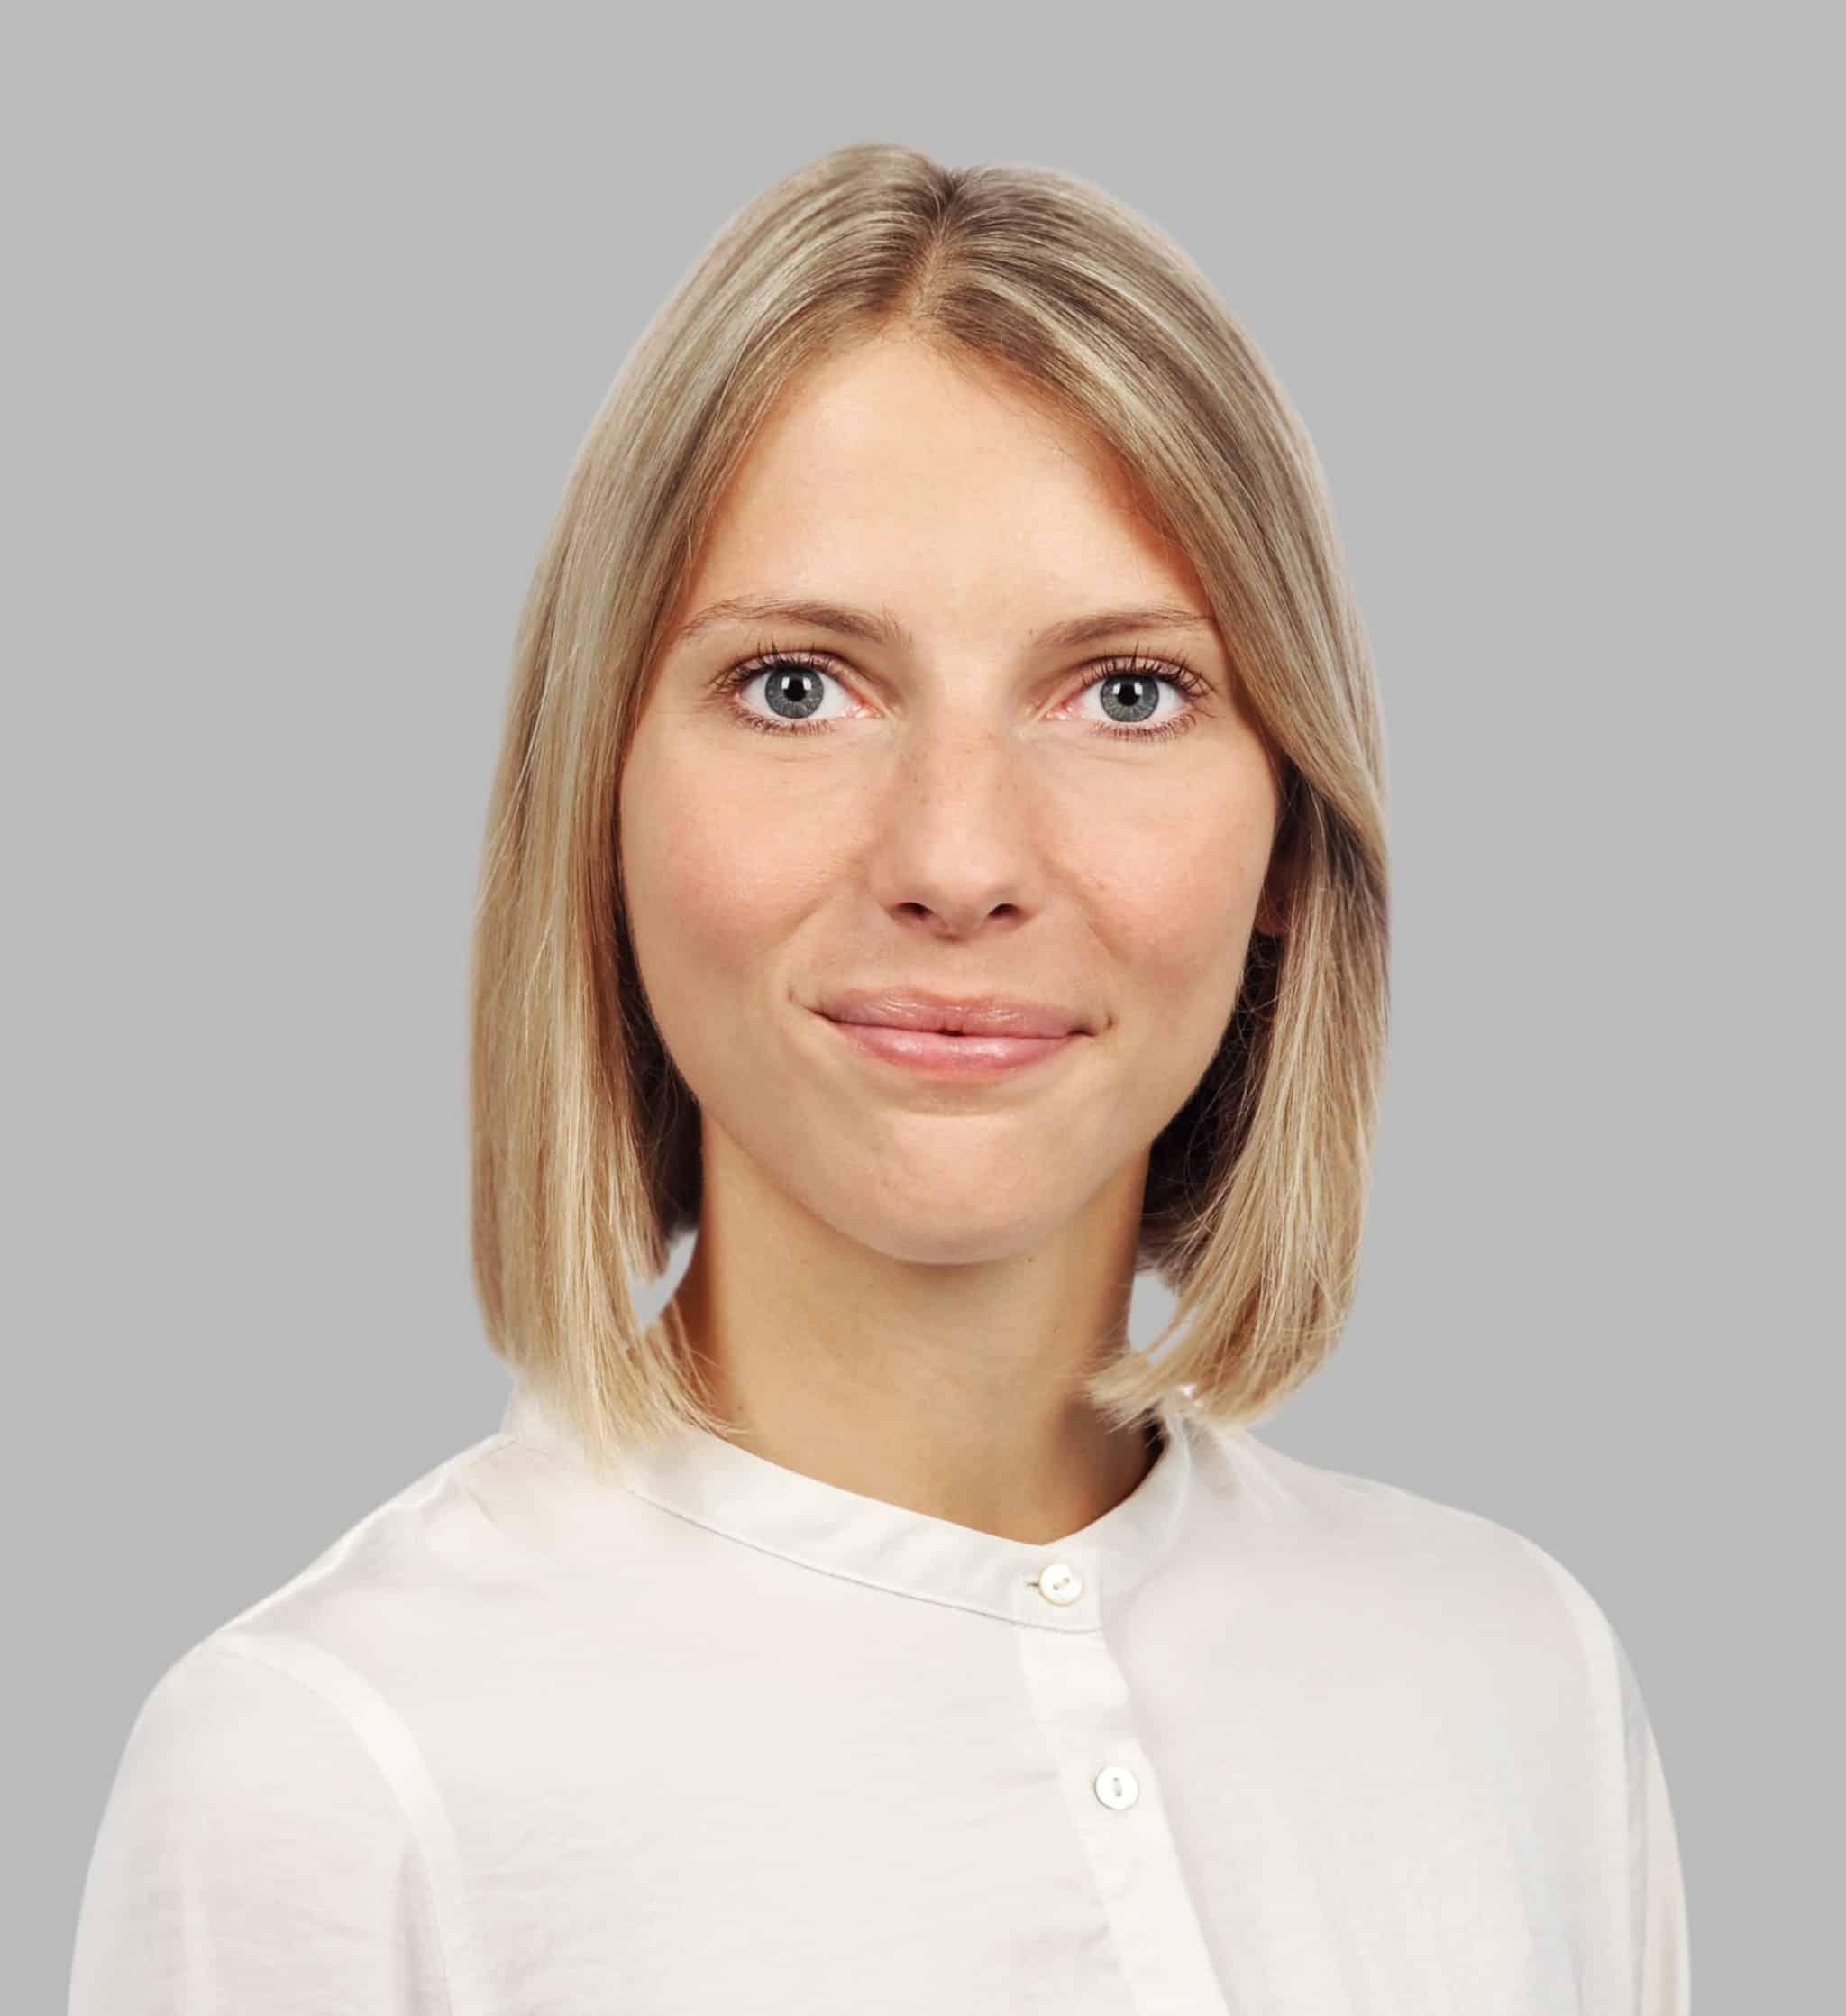 M. Sc. Psych. Eva Habazettl - Psychologische Psychotherapeutin in München